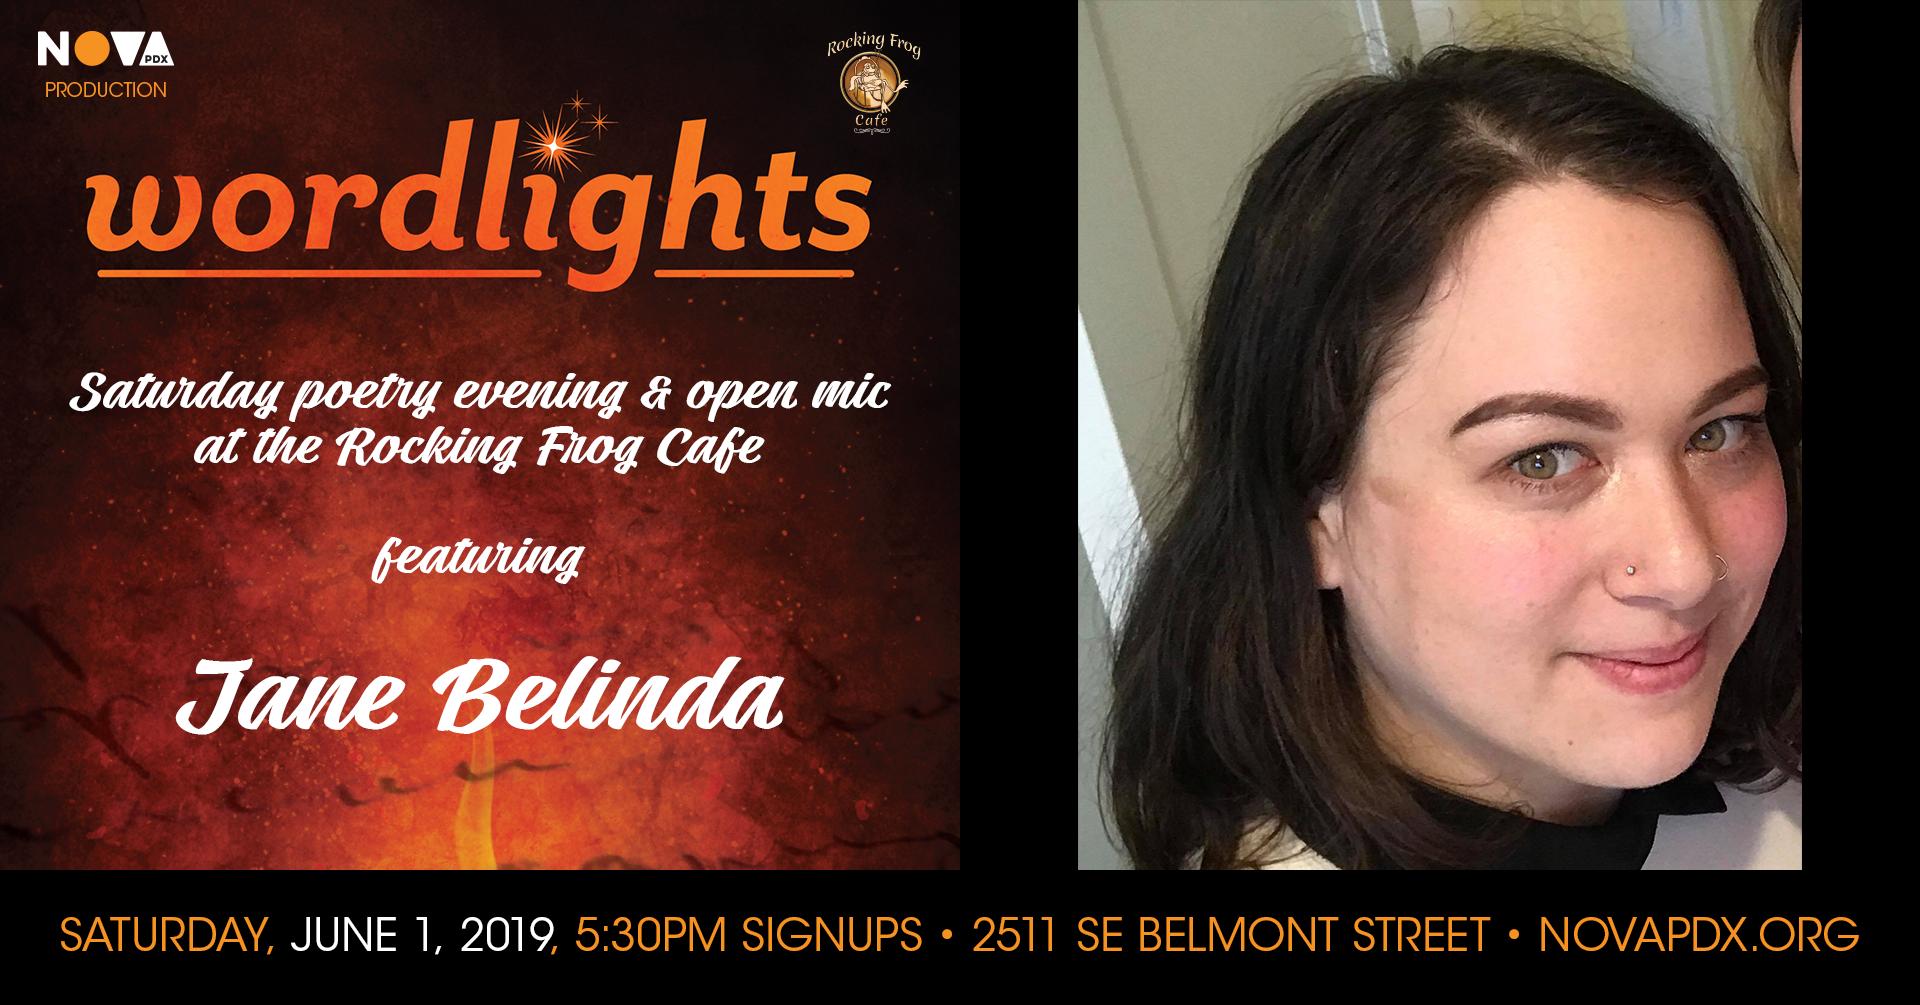 Wordlights-FB-Event-HeaderNew-06012019.png